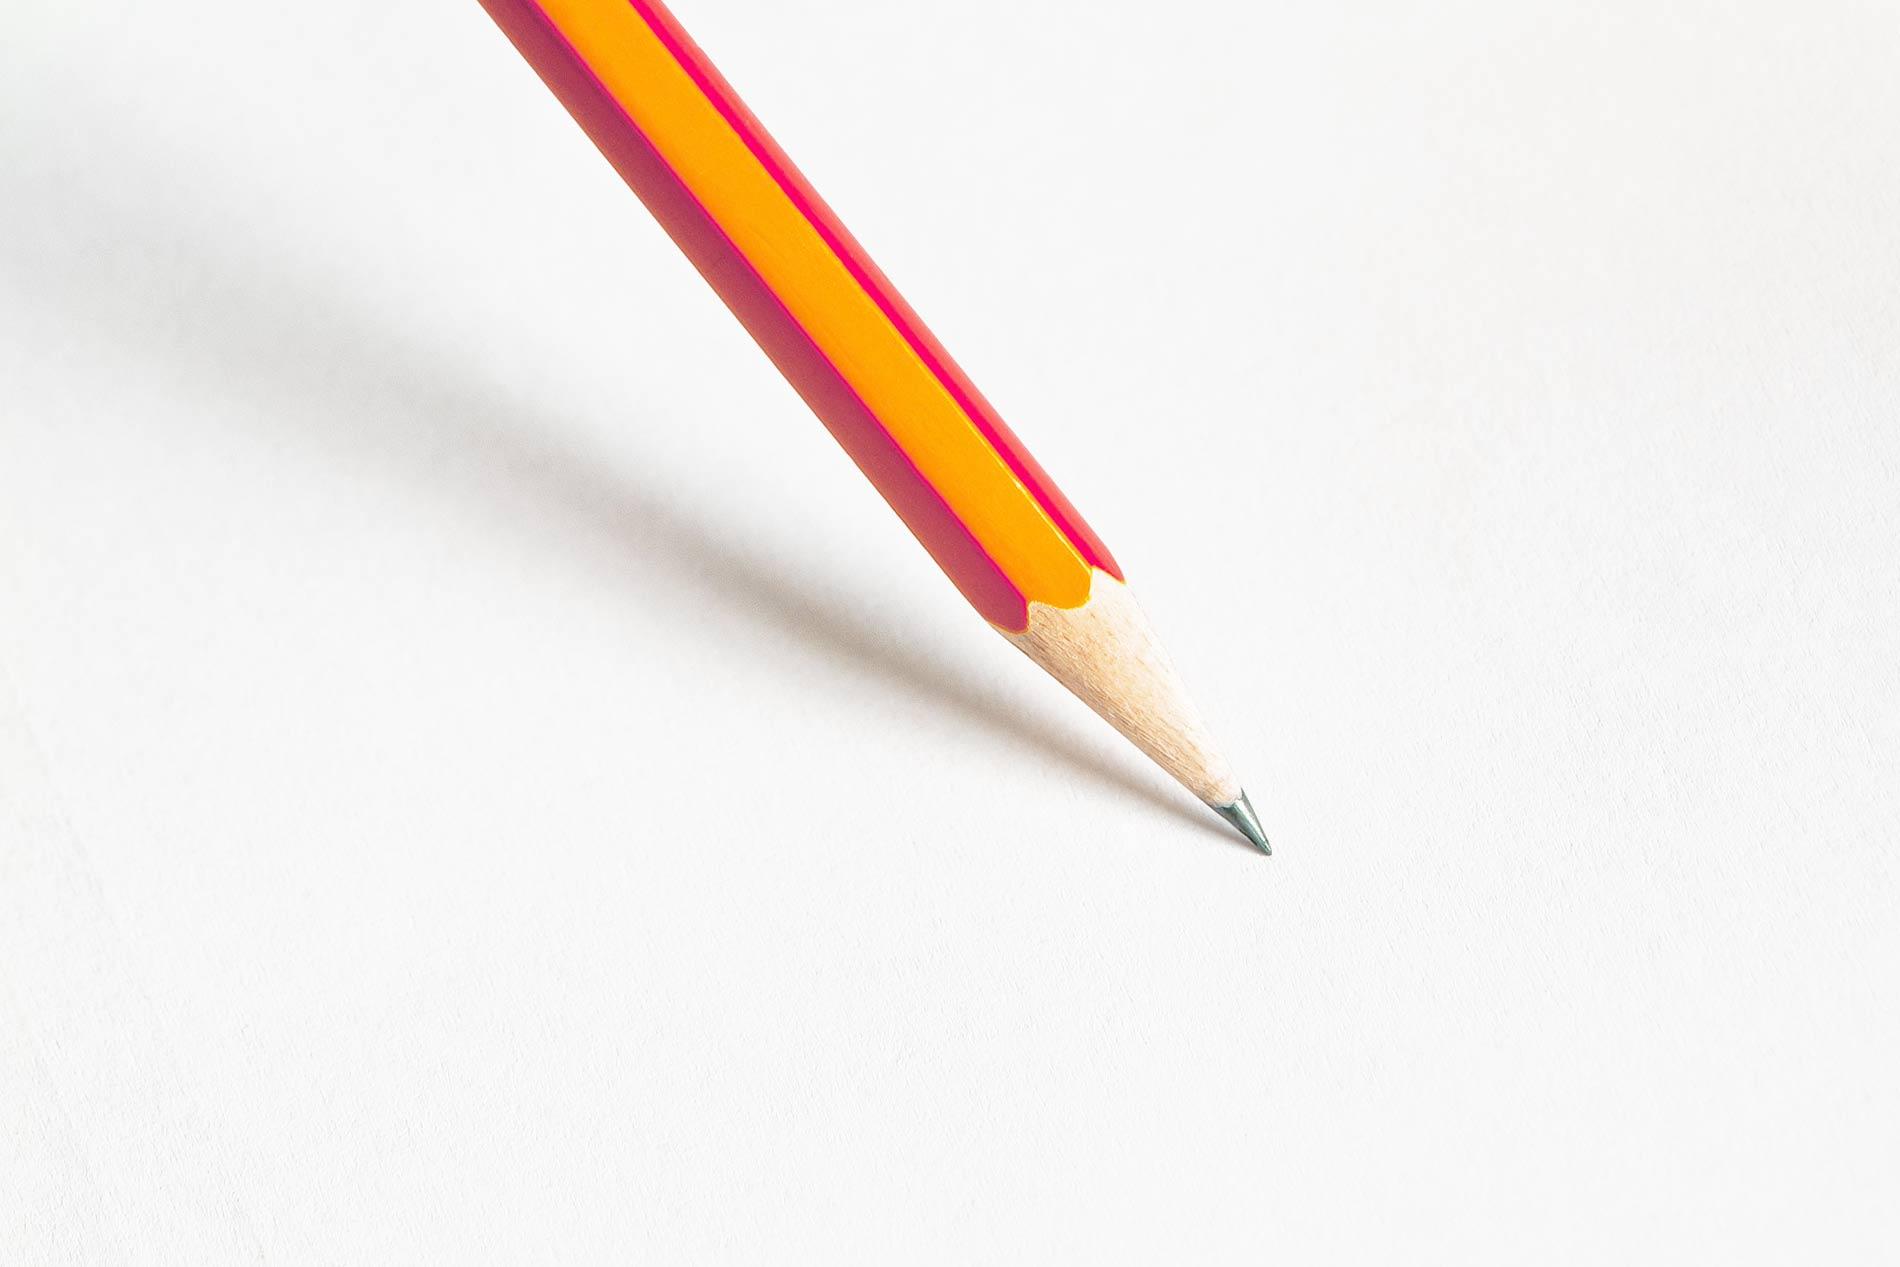 11 estrategias para obtener mejor puntaje en las pruebas escritas